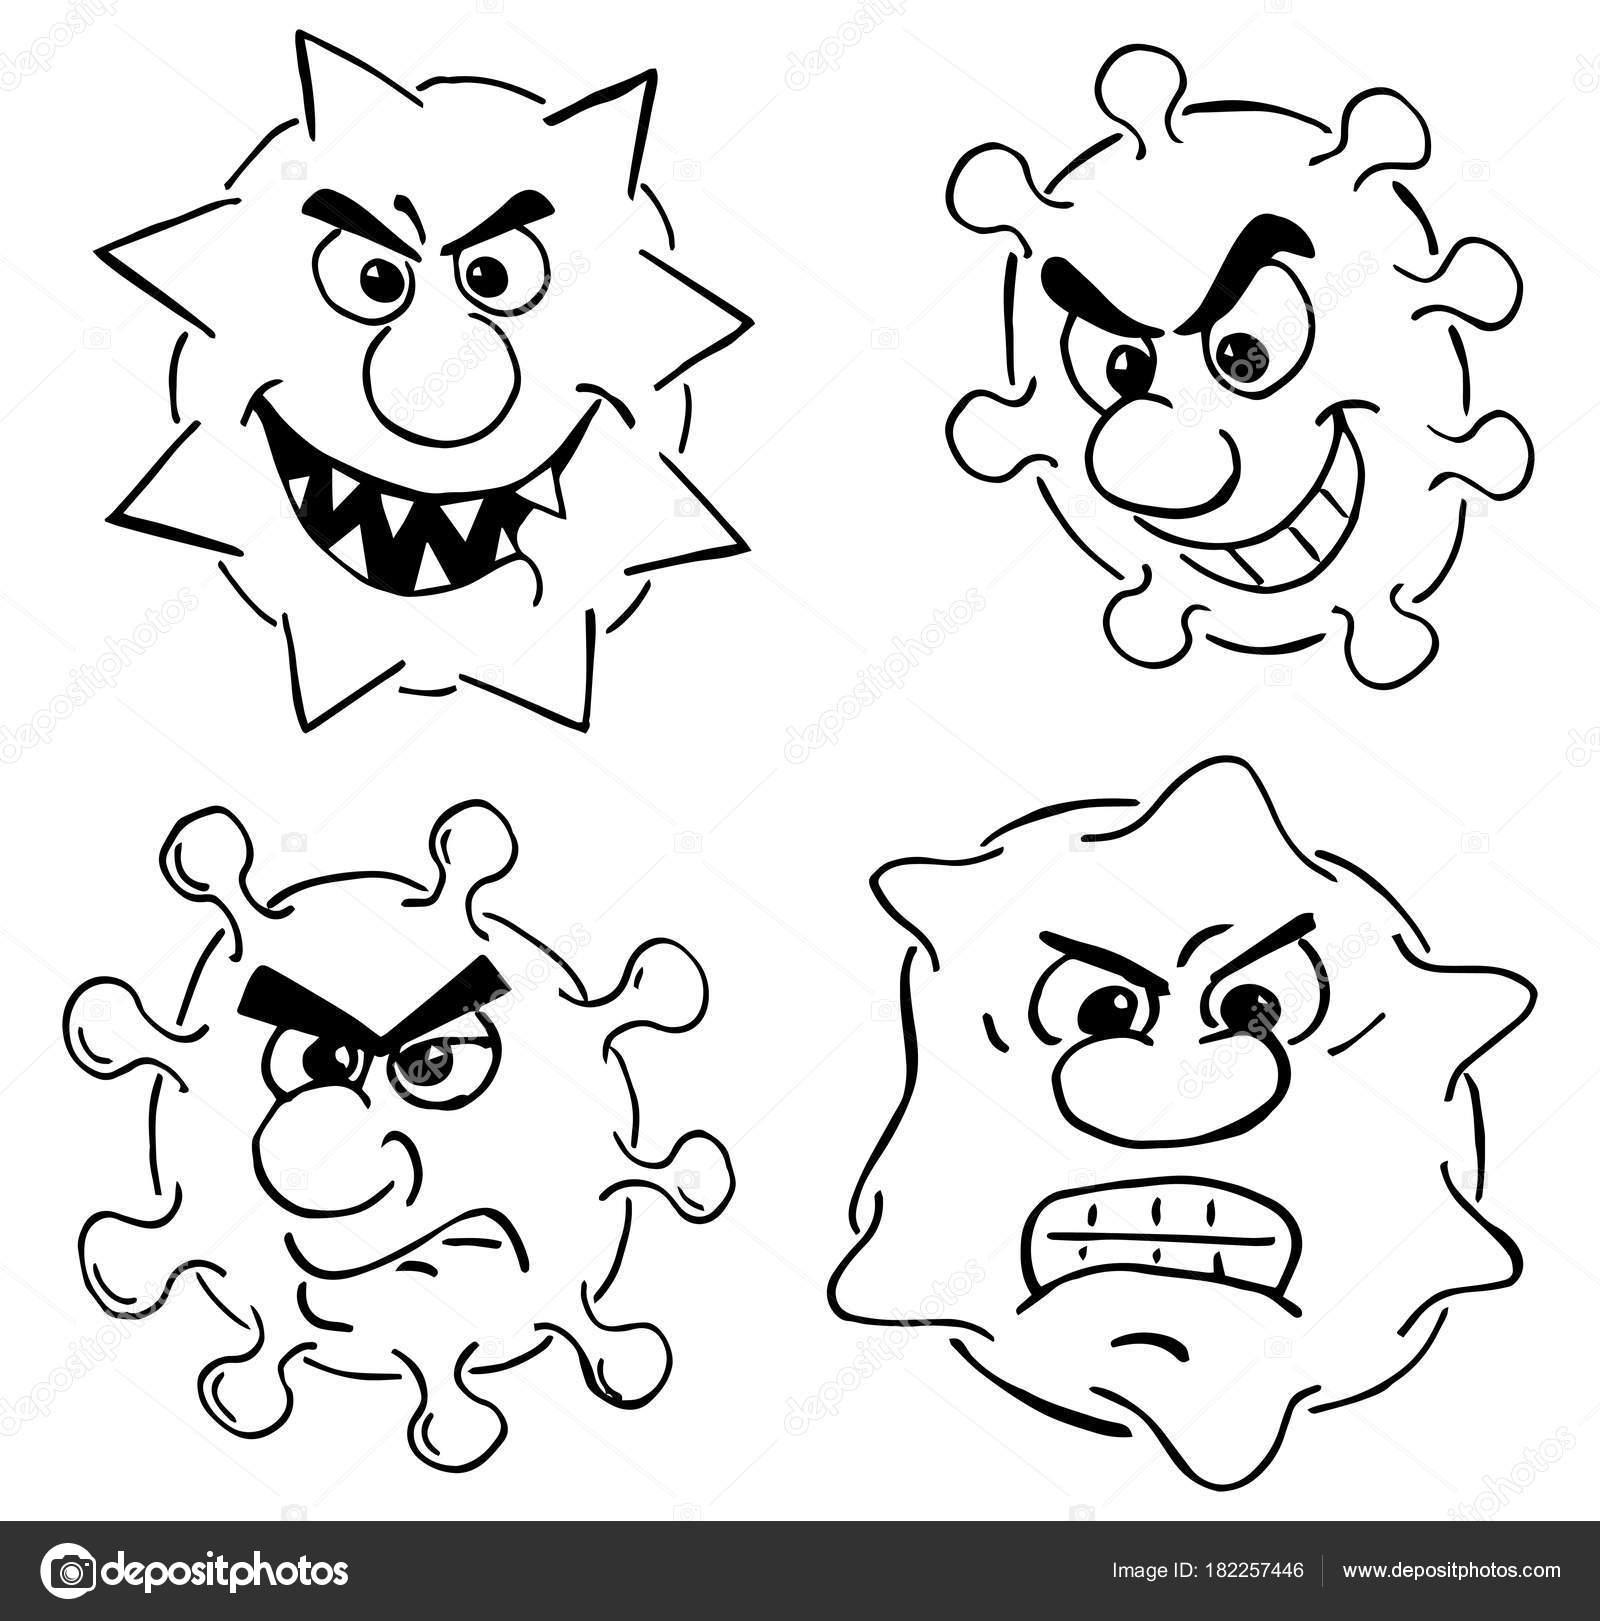 vírus selvagem dos desenhos animados — Vetores de Stock